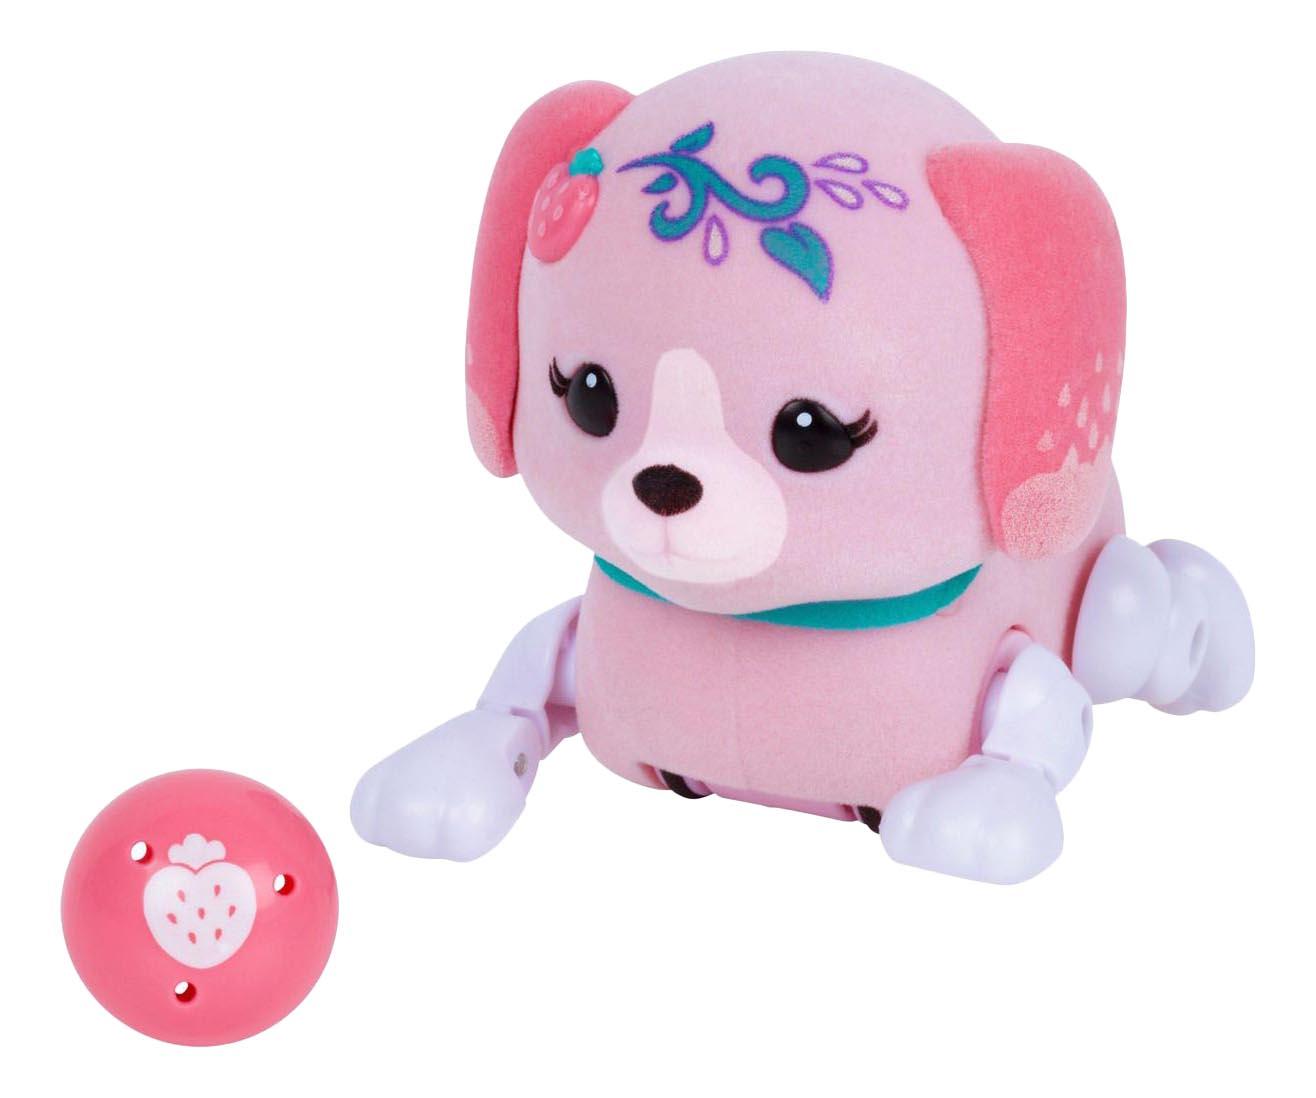 Интерактивная игрушка Щенок с мячиком Little Live Pets Клубничка фото